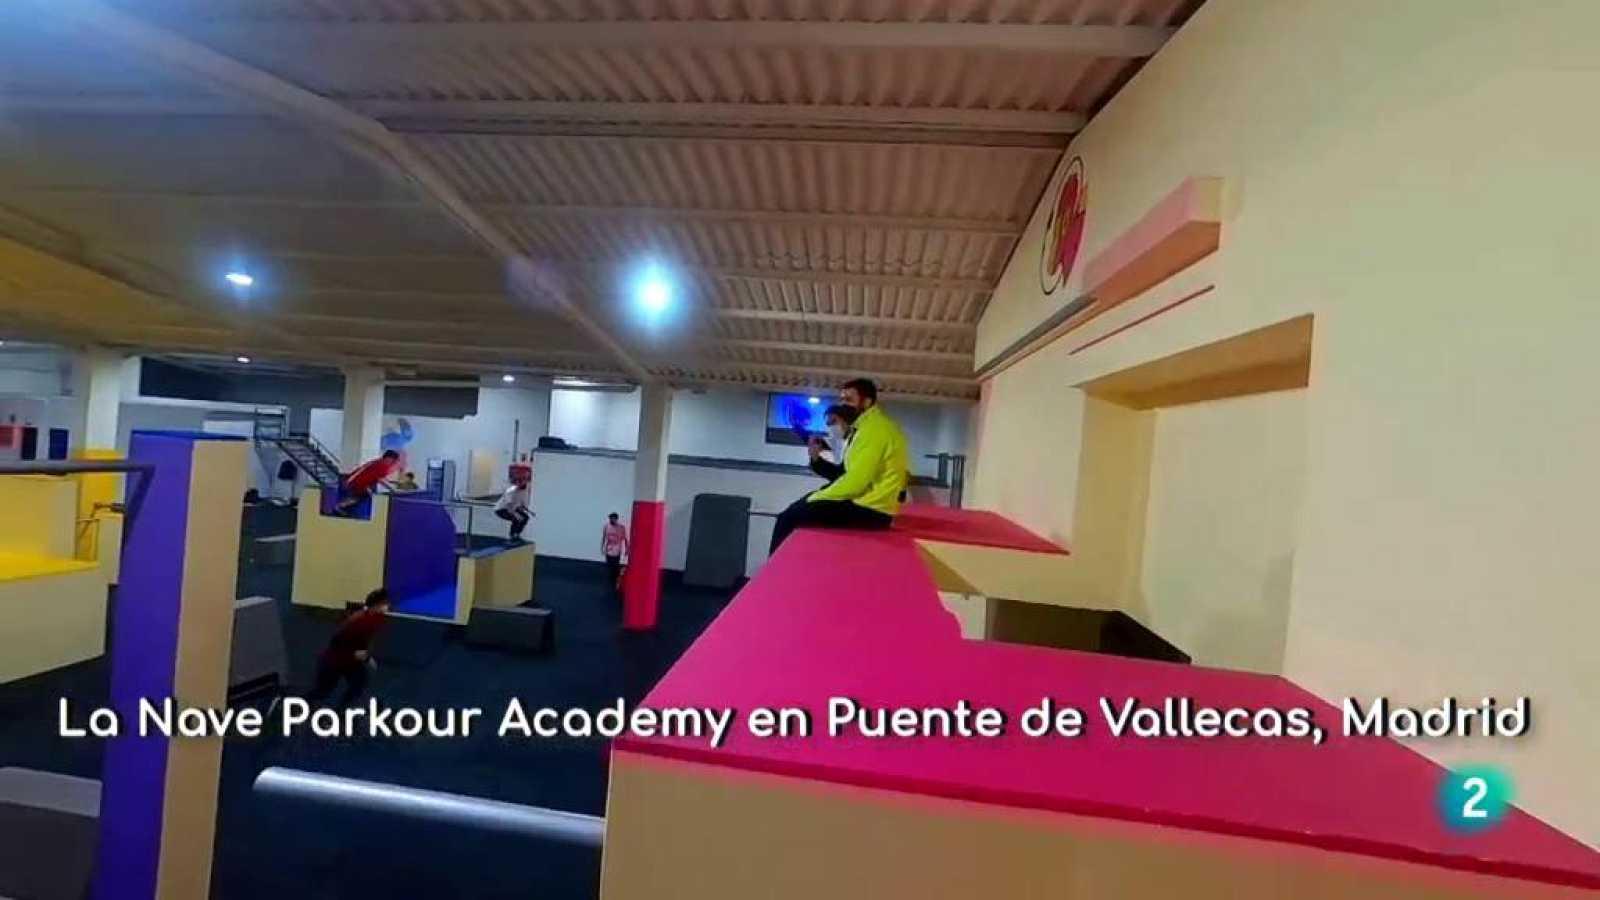 La aventura del saber Escuela de Parkour La Nave Vallecas deporte entrenamiento arte #AventuraSaberDeporte